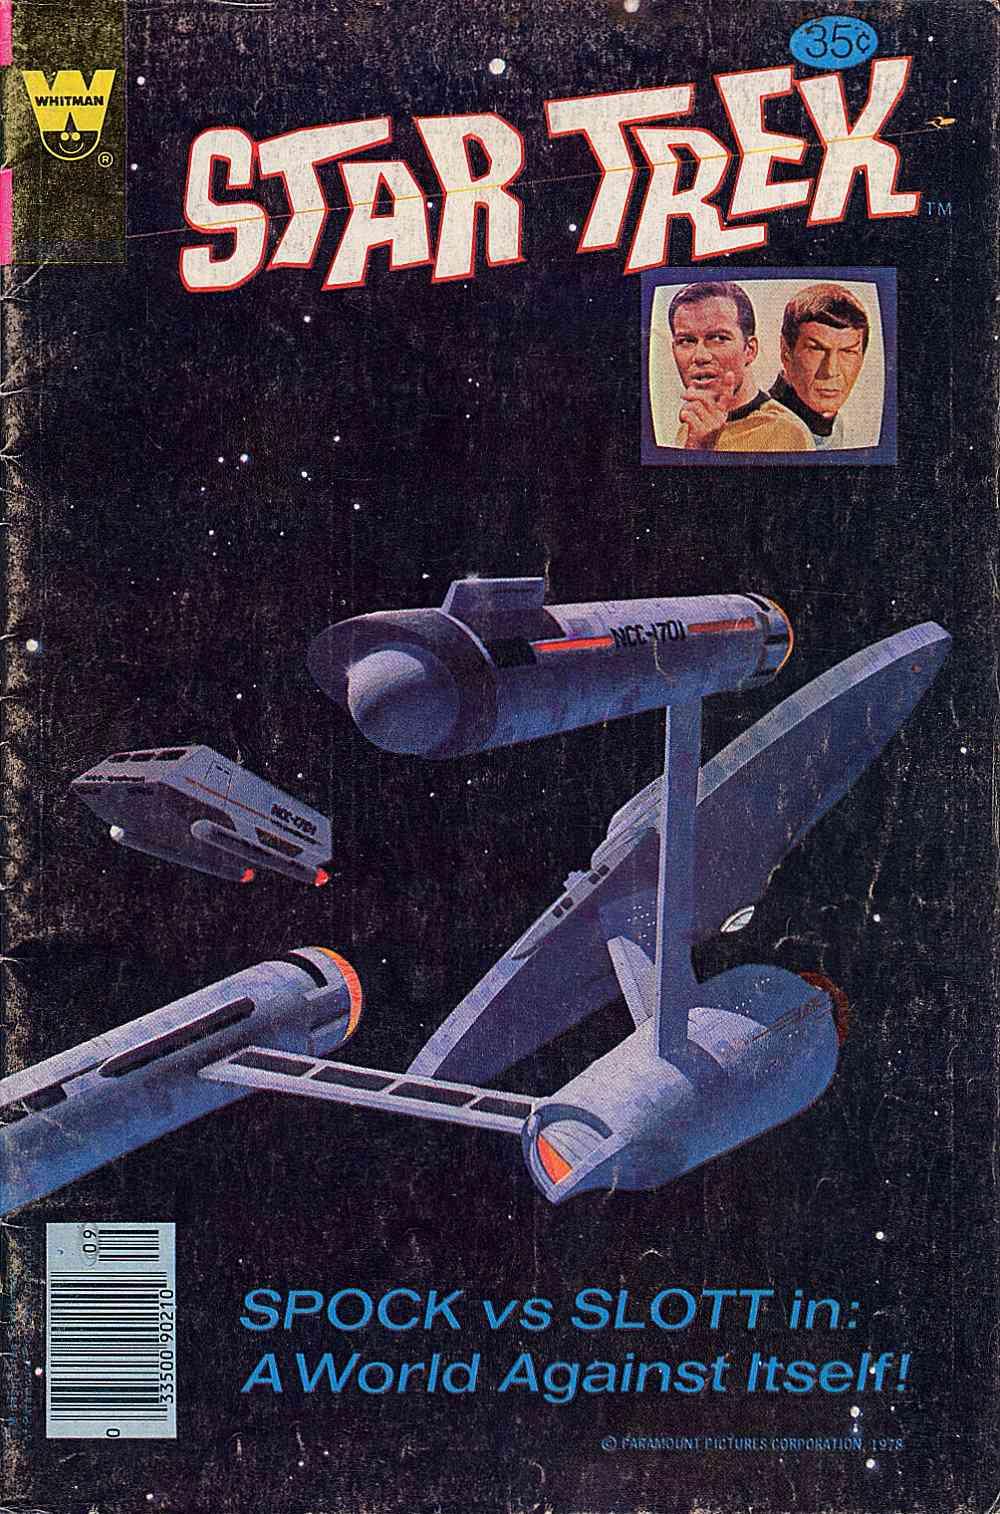 Star Trek (1967) issue 55 - Page 1